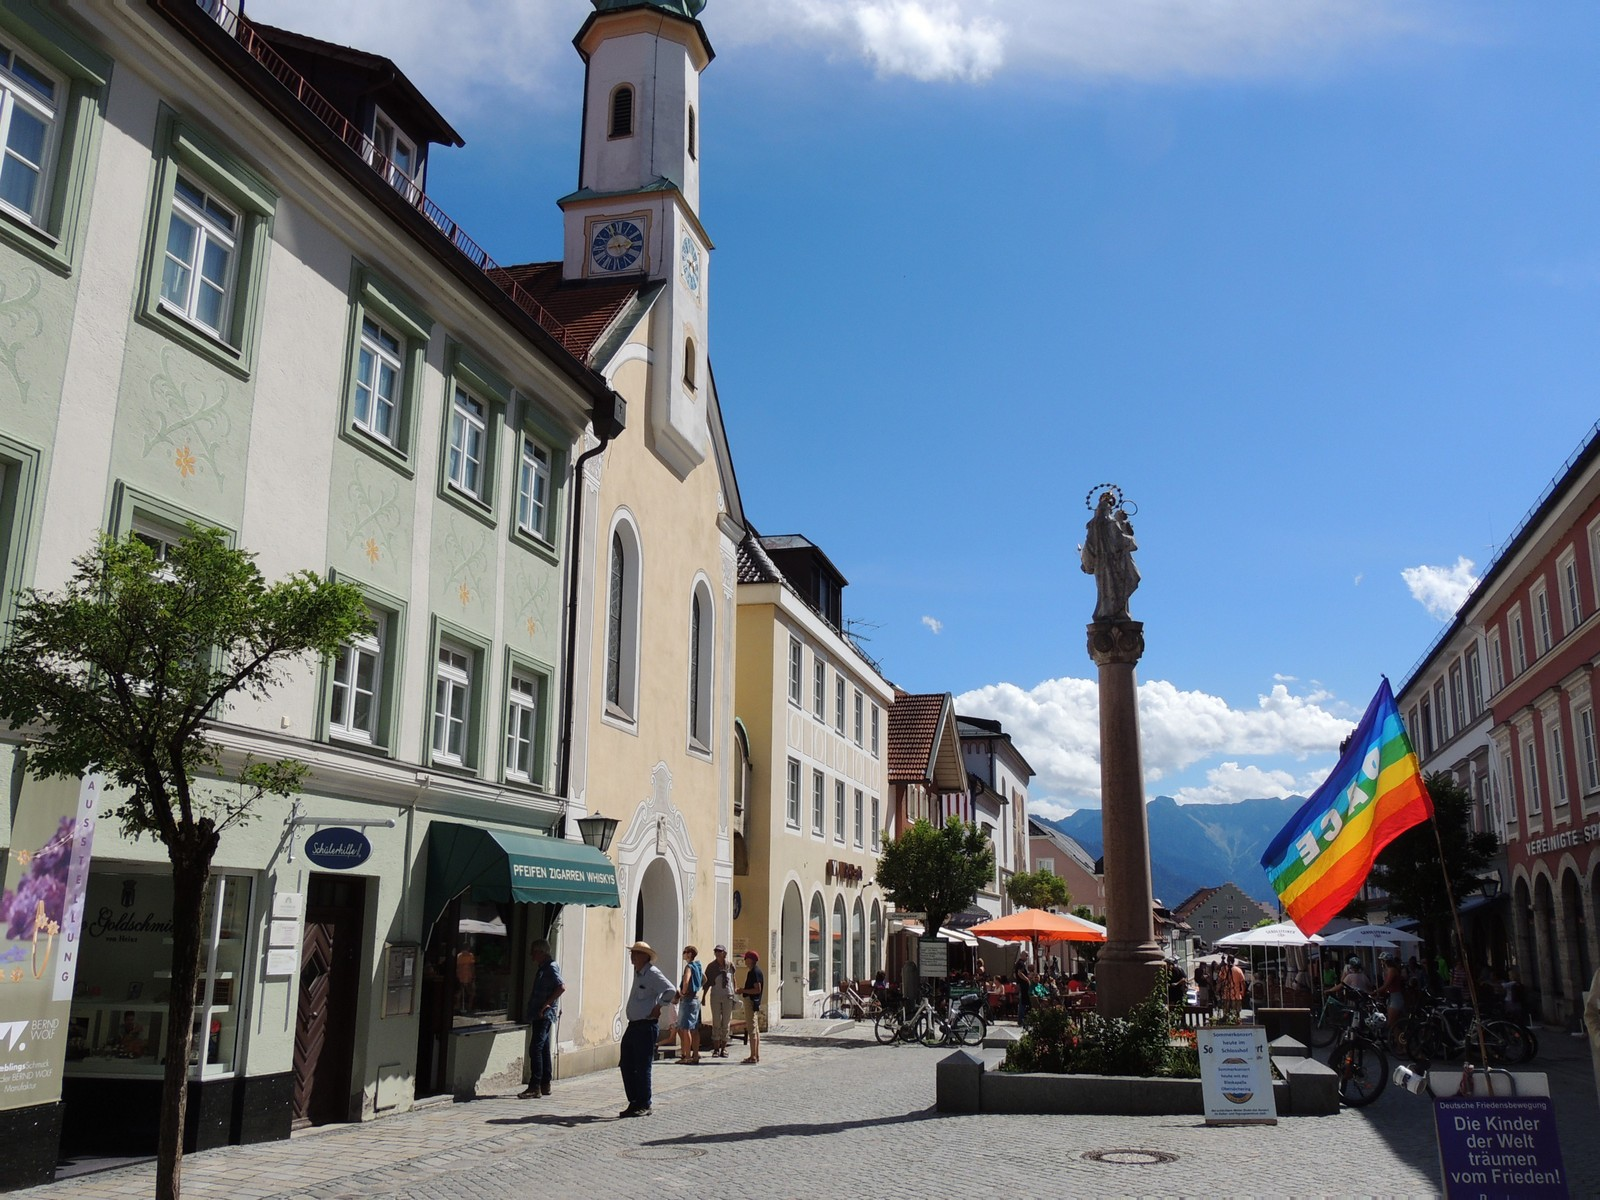 Das Blaue Land - Obermarkt von Murnau